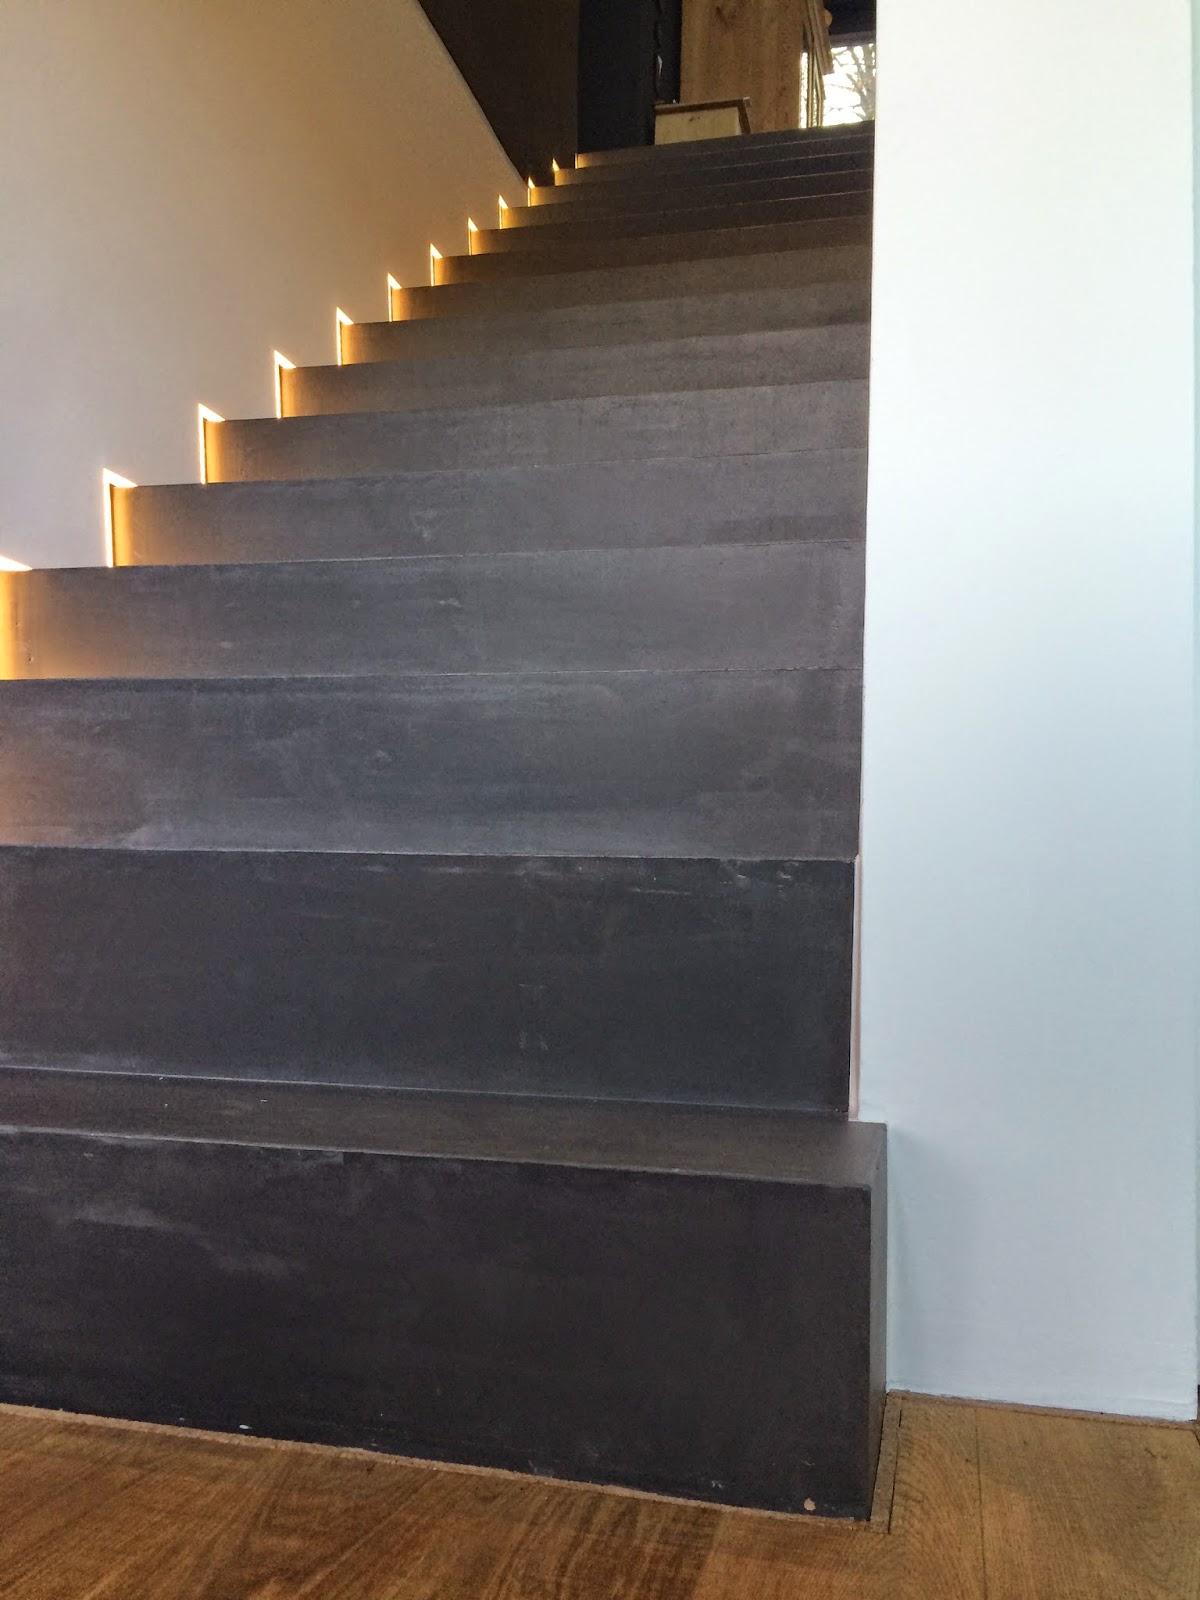 Innen Beton Zell Beschichtung Linearsystem Co Home Design Ideen